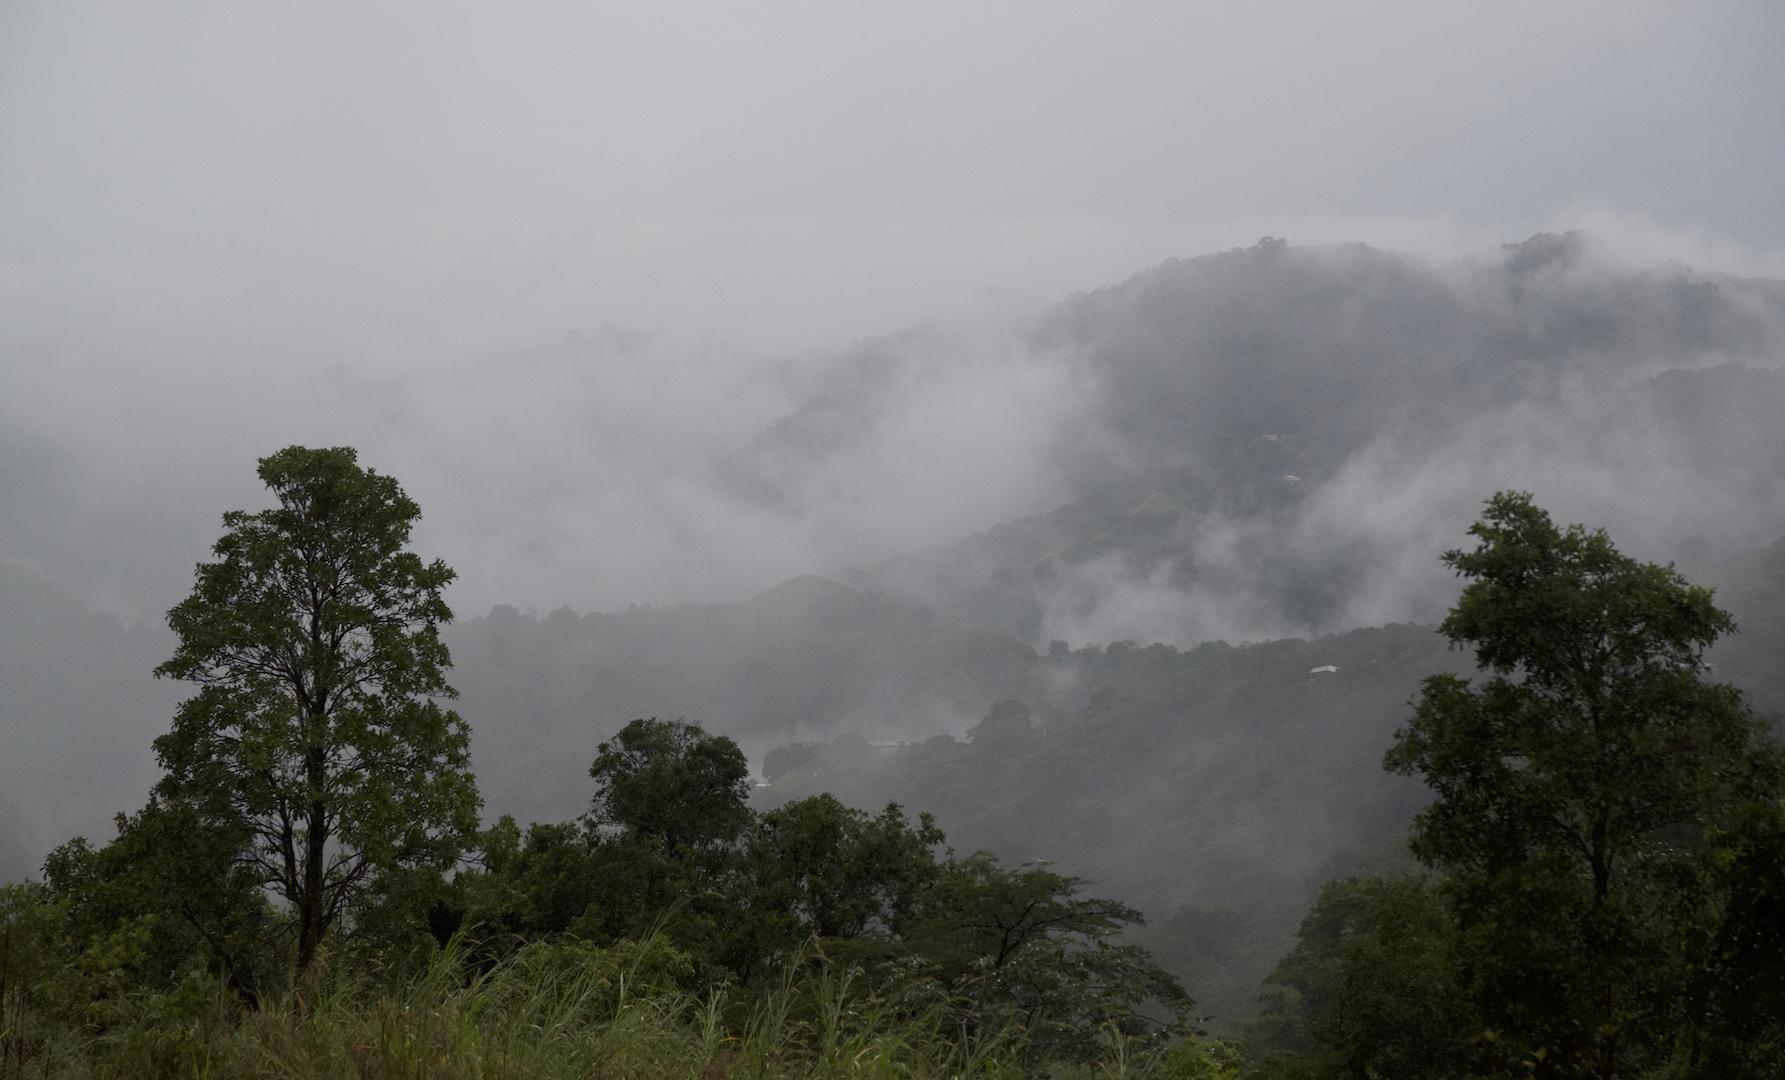 Misty clouds as seen in Hacienda Pomarossa